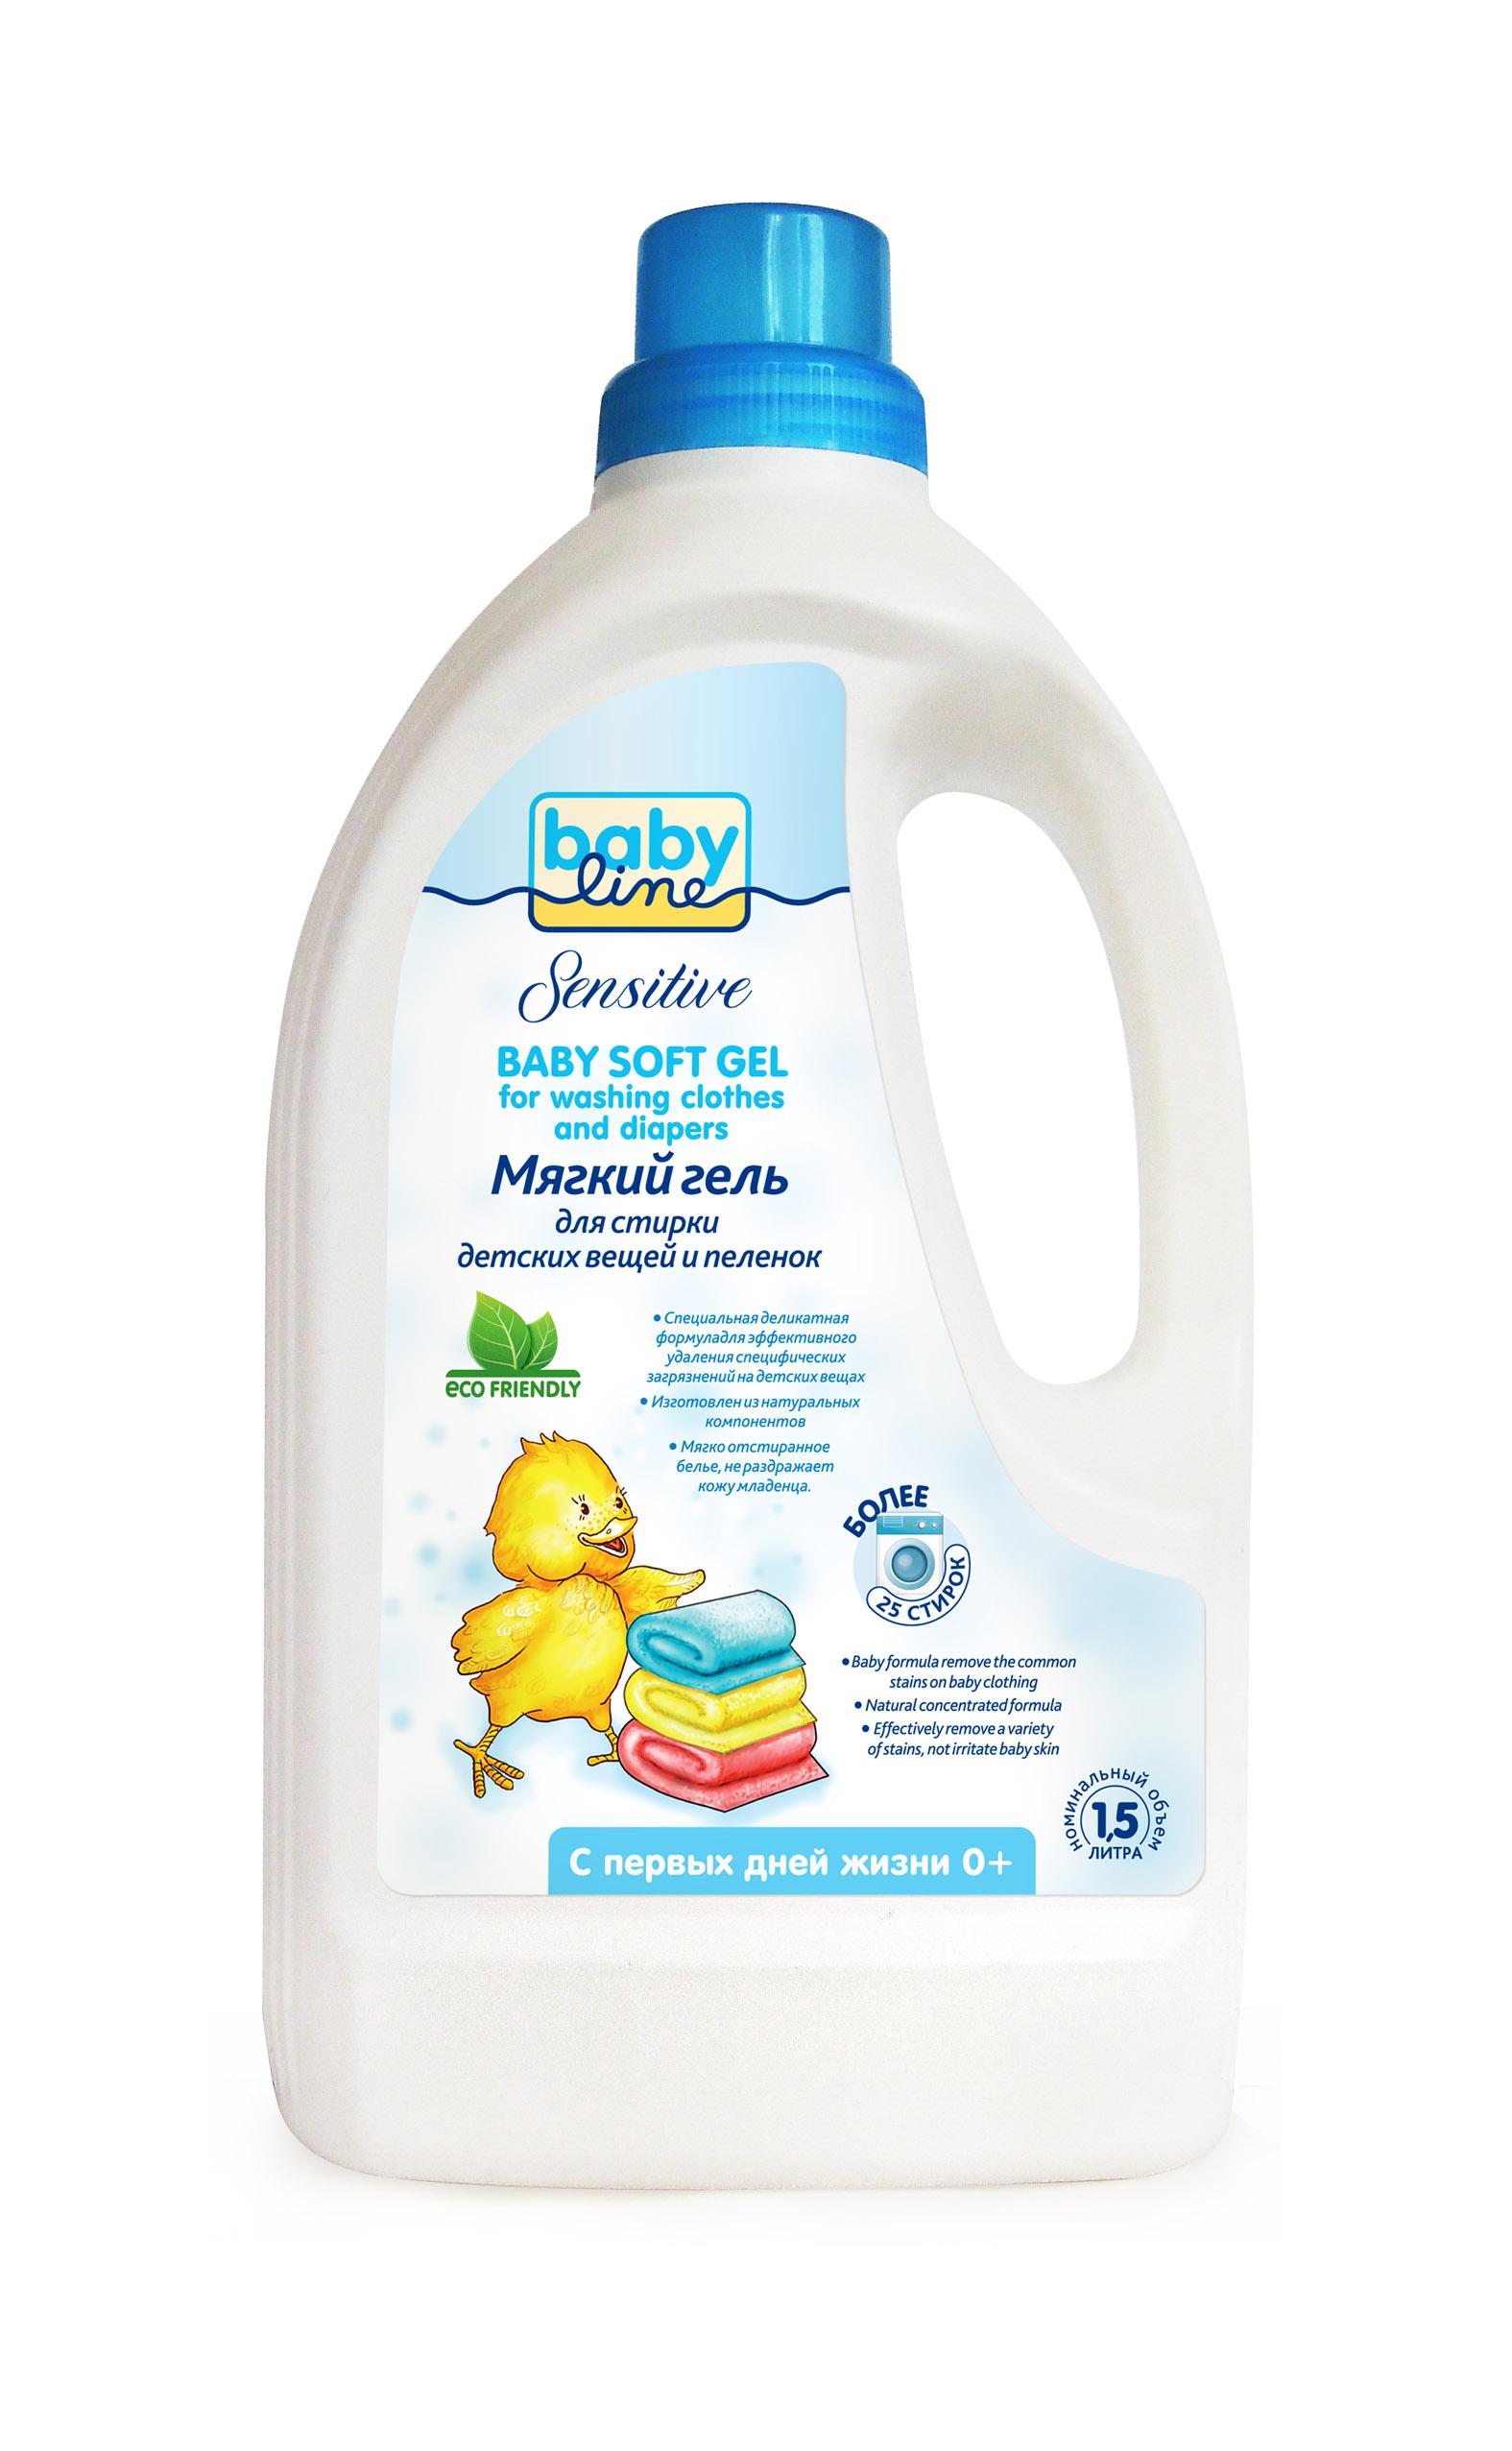 Гель для стирки детских вещей BABYLINE Sensitive мягкий гель для стирки детских вещей и пеленок babyline 1 5 л